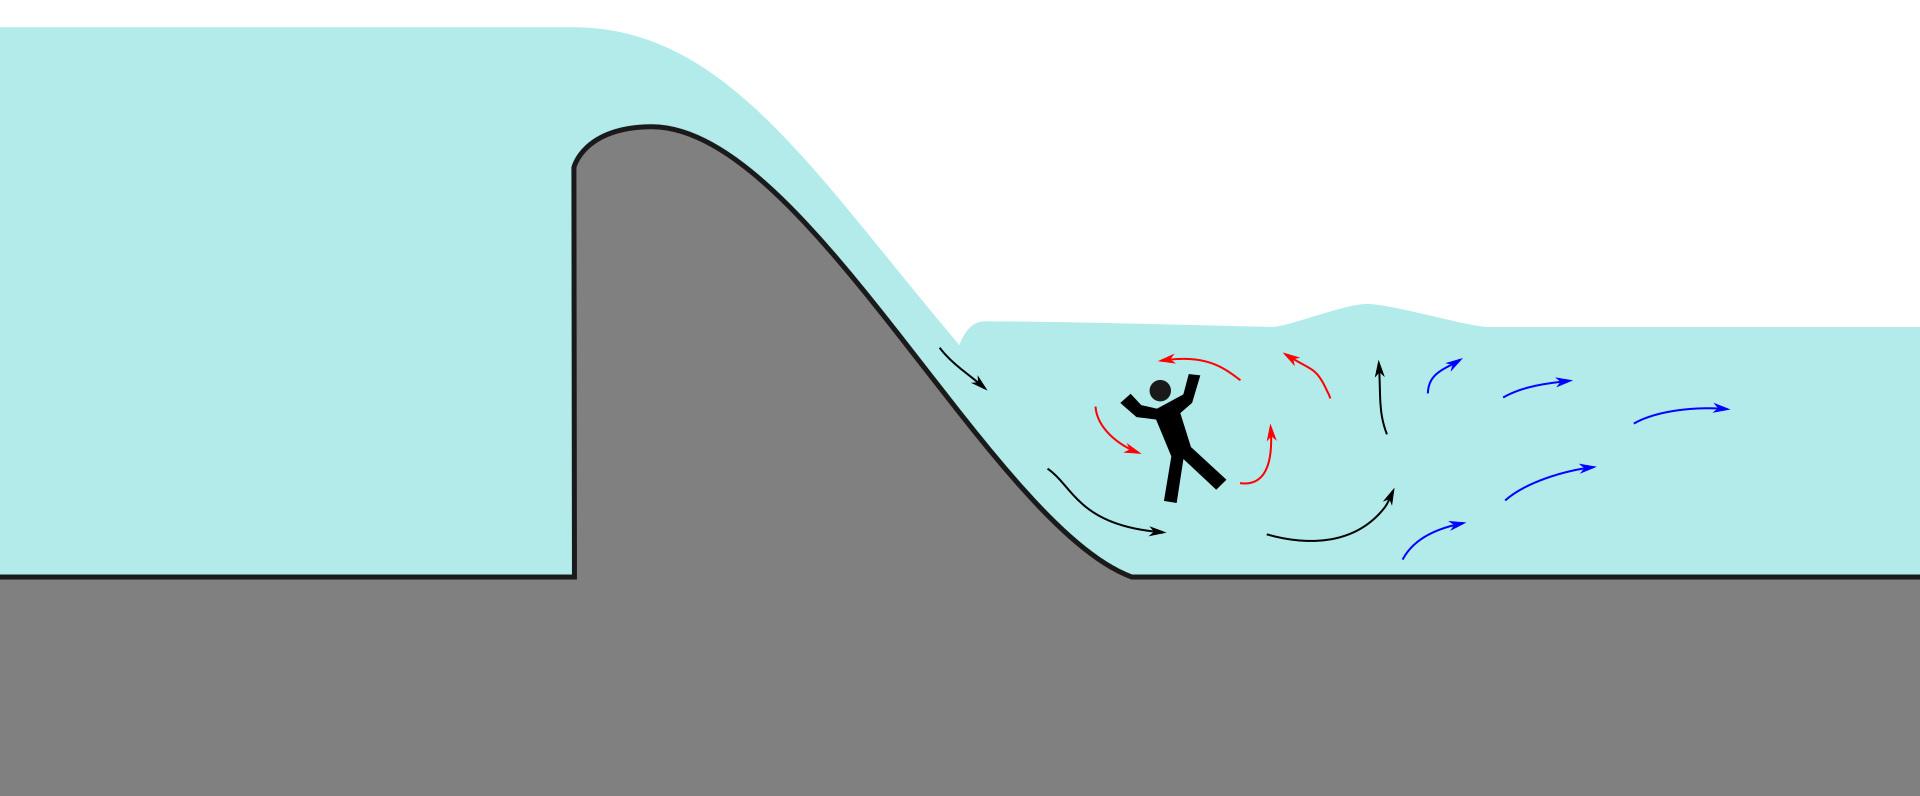 Drown3.jpg